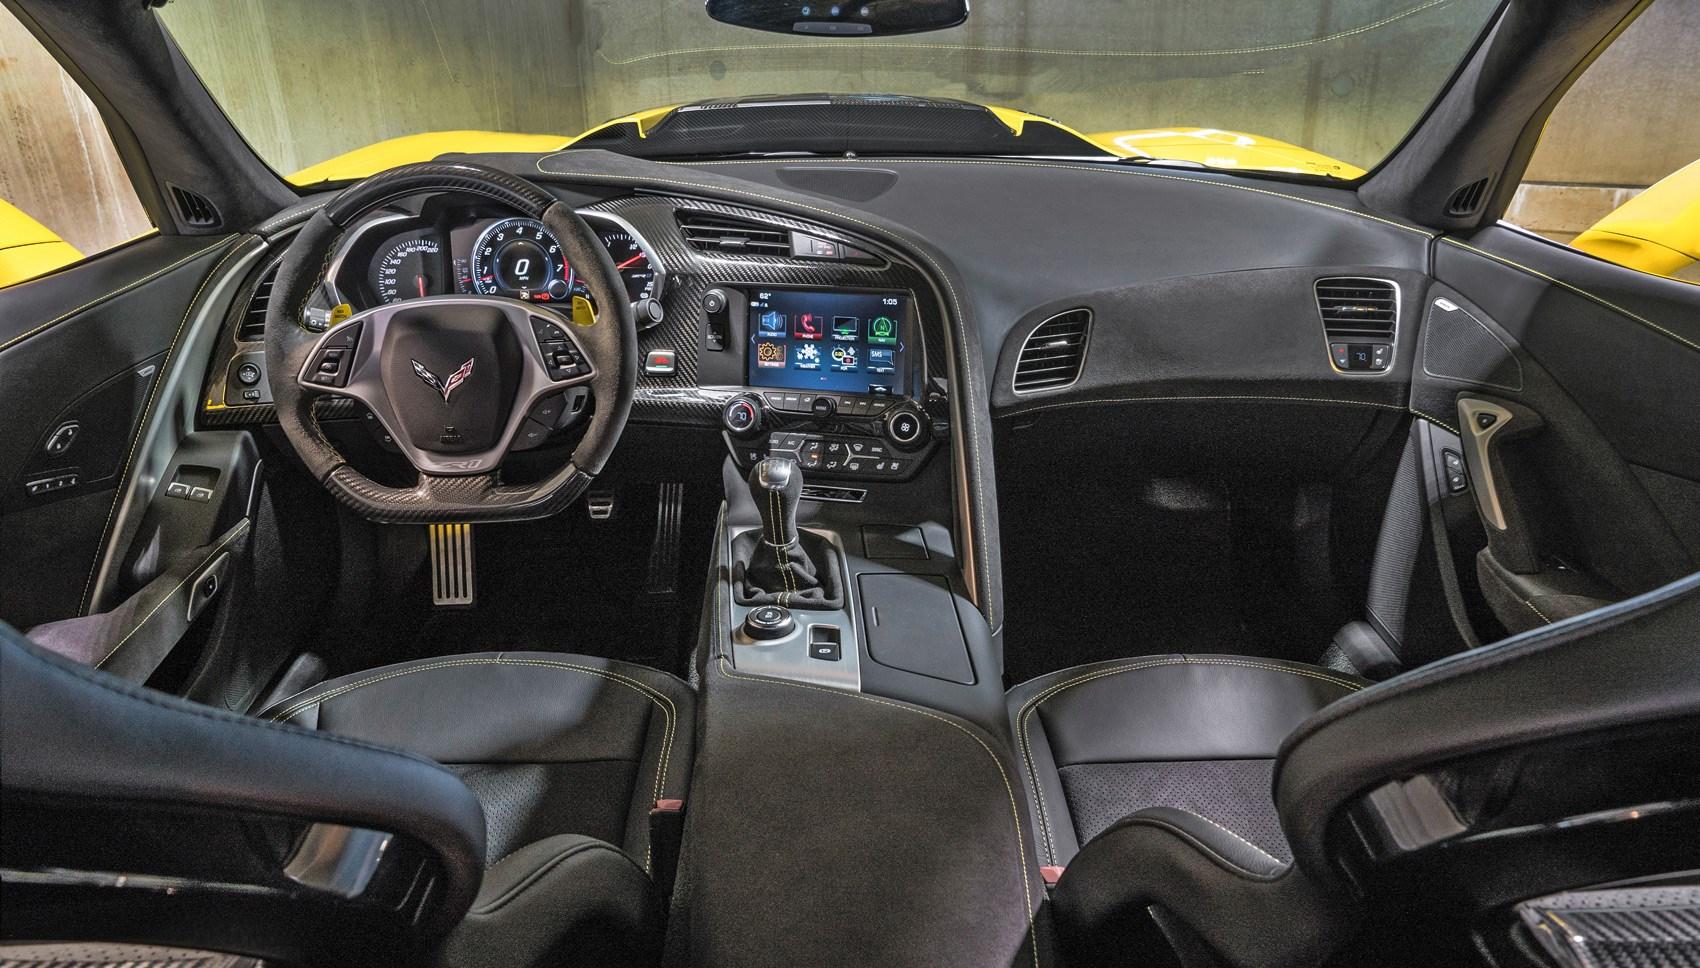 2017 Chevrolet Corvette Stingray >> Chevrolet Corvette C7 ZR1 (2019) review: the ultimate ...